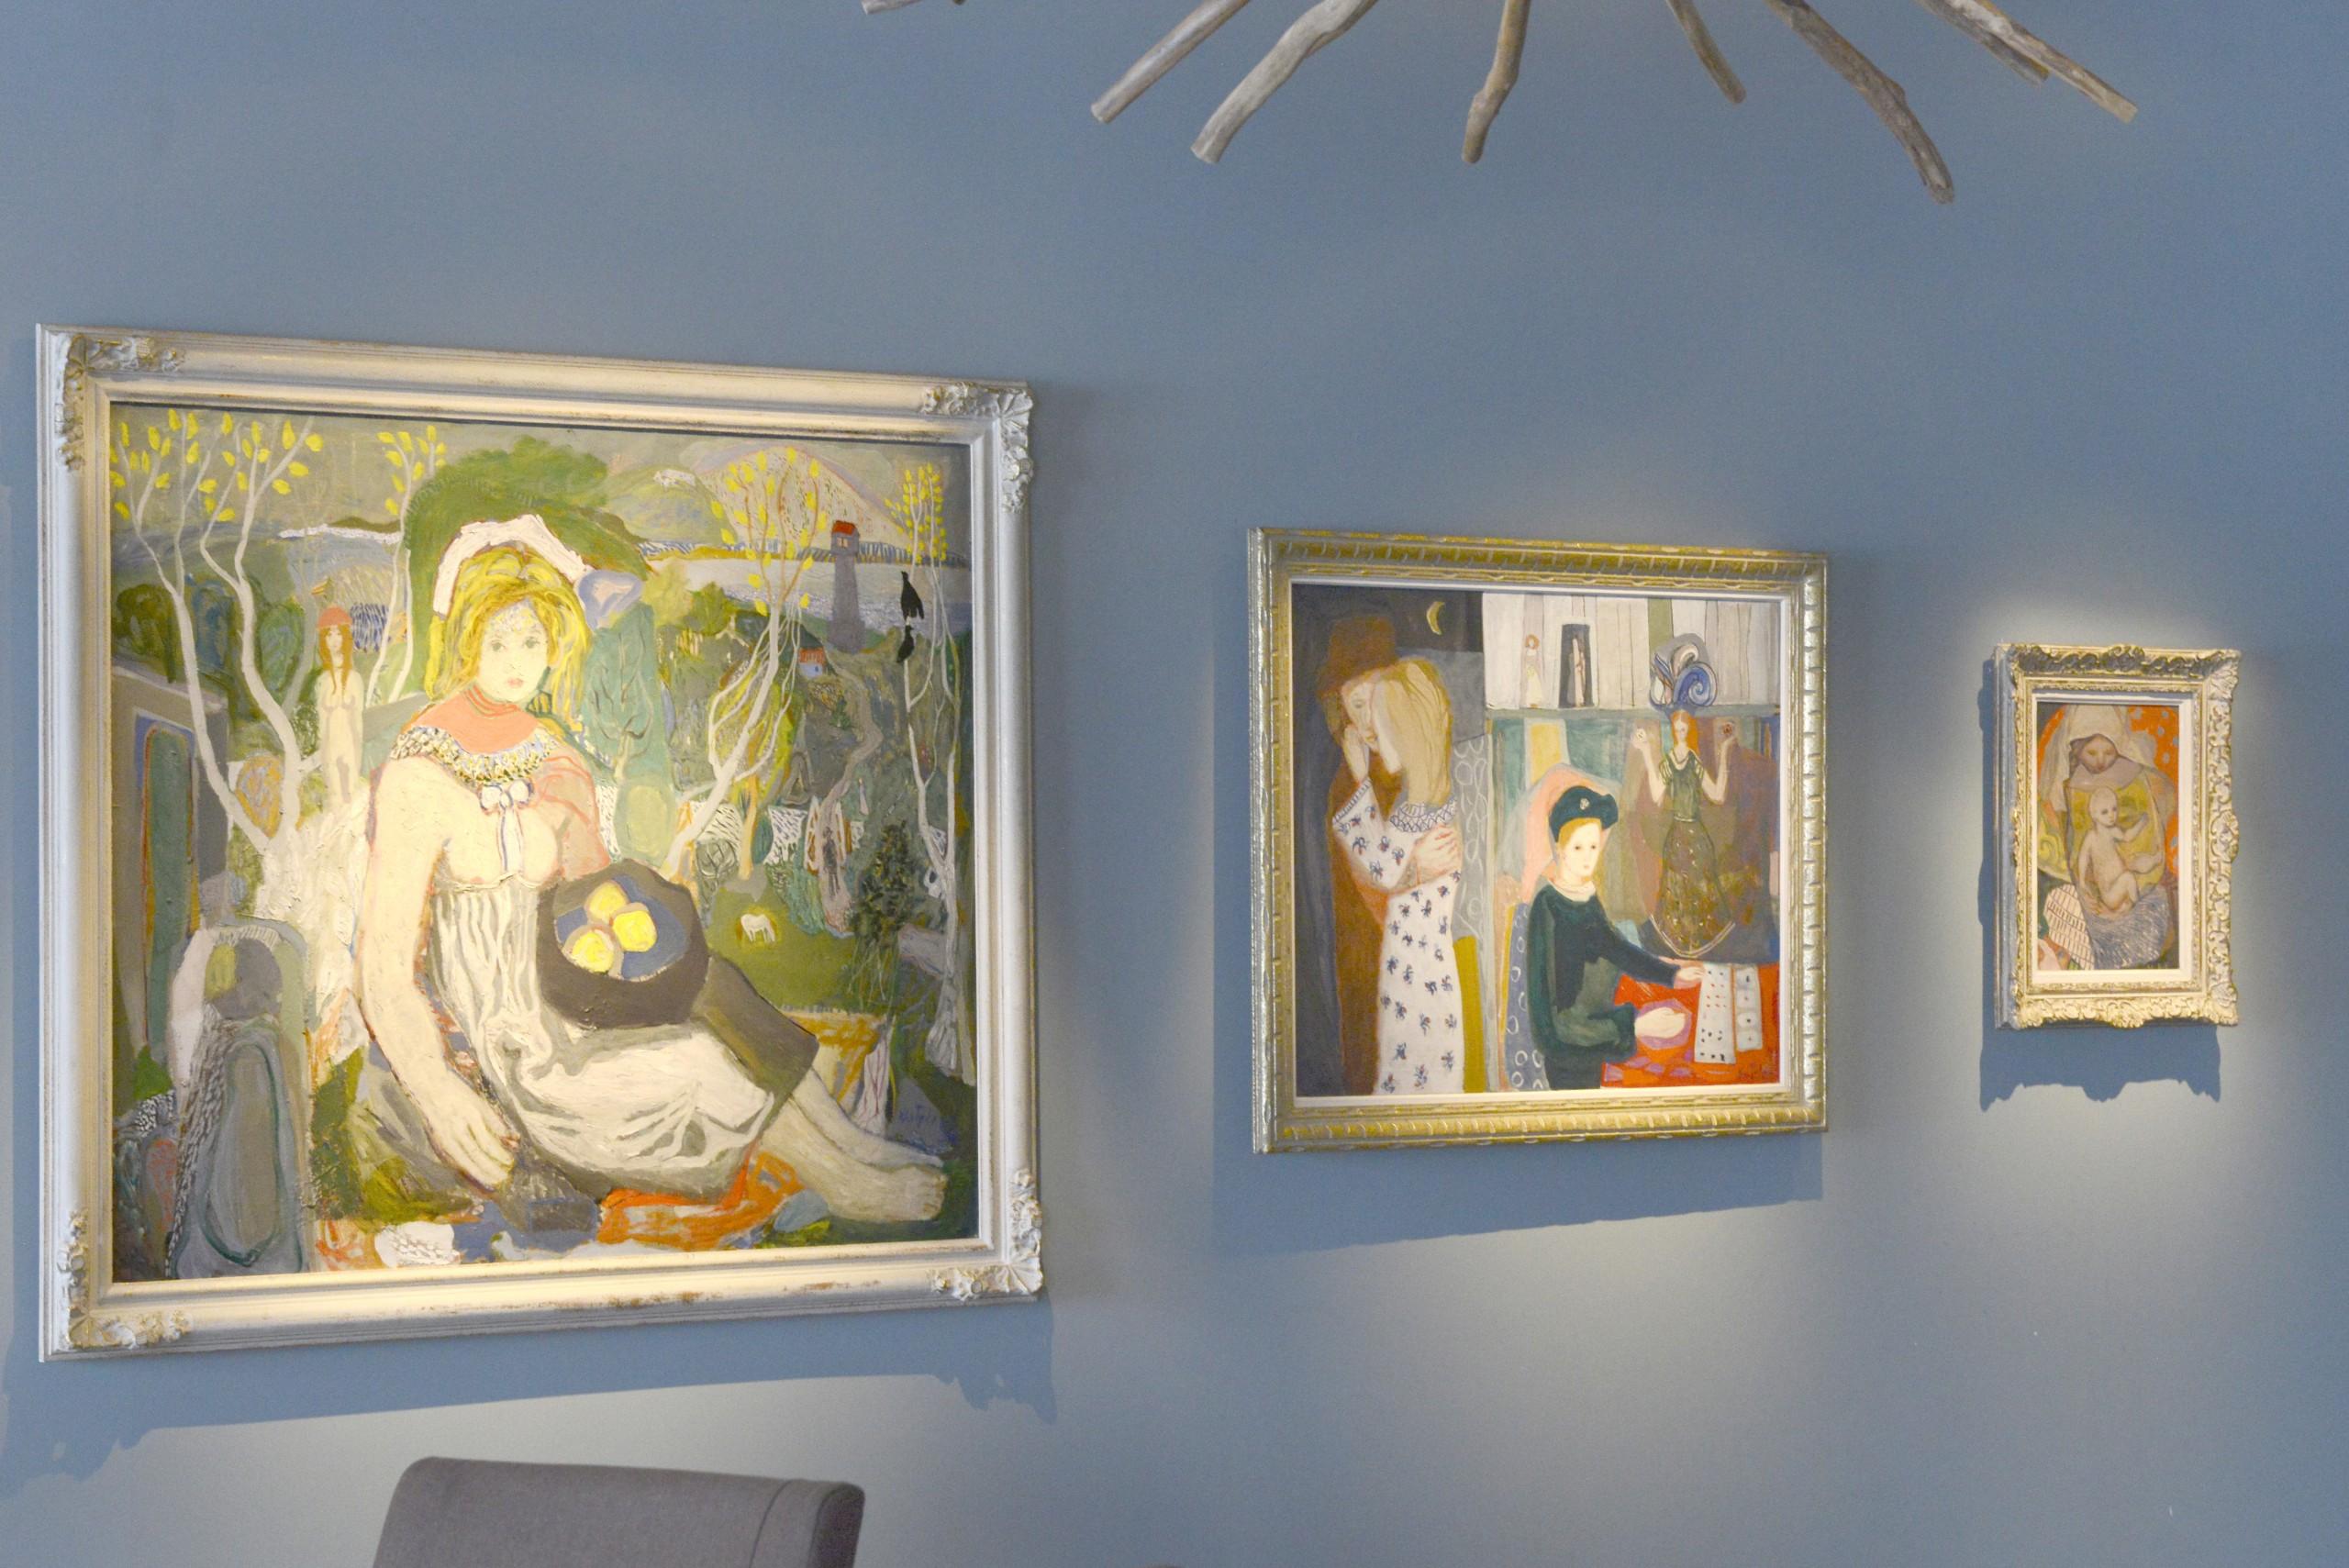 """""""Ung sittende kvinne i landskap"""" 1938 Olje på lerret 120x140 cm Bildet «Ung sittende kvinne i landskap» ble mellom annet vist på Venezia-biennalen i 1952. Kai Fjell er kjent for sine vakre malerier av kvinner og mødre med barn. Han var opptatt av kvinnen som en del av naturen, og de feminine kreftene i tilværelsen. ** """"Kabalen"""" 1940 Olje på lerret 79x99 cm Kjærlighet, ensomhet, savn og drømmer kommer tydelig fram i dette banebrytende bildet. Kai Fjell fikk føle på alt dette da han kom til hovedstaden hvor alt var fremmed og konflikten mellom ambisjoner og skuffelser var sterkt. Et viktig og banebrytende arbeid."""